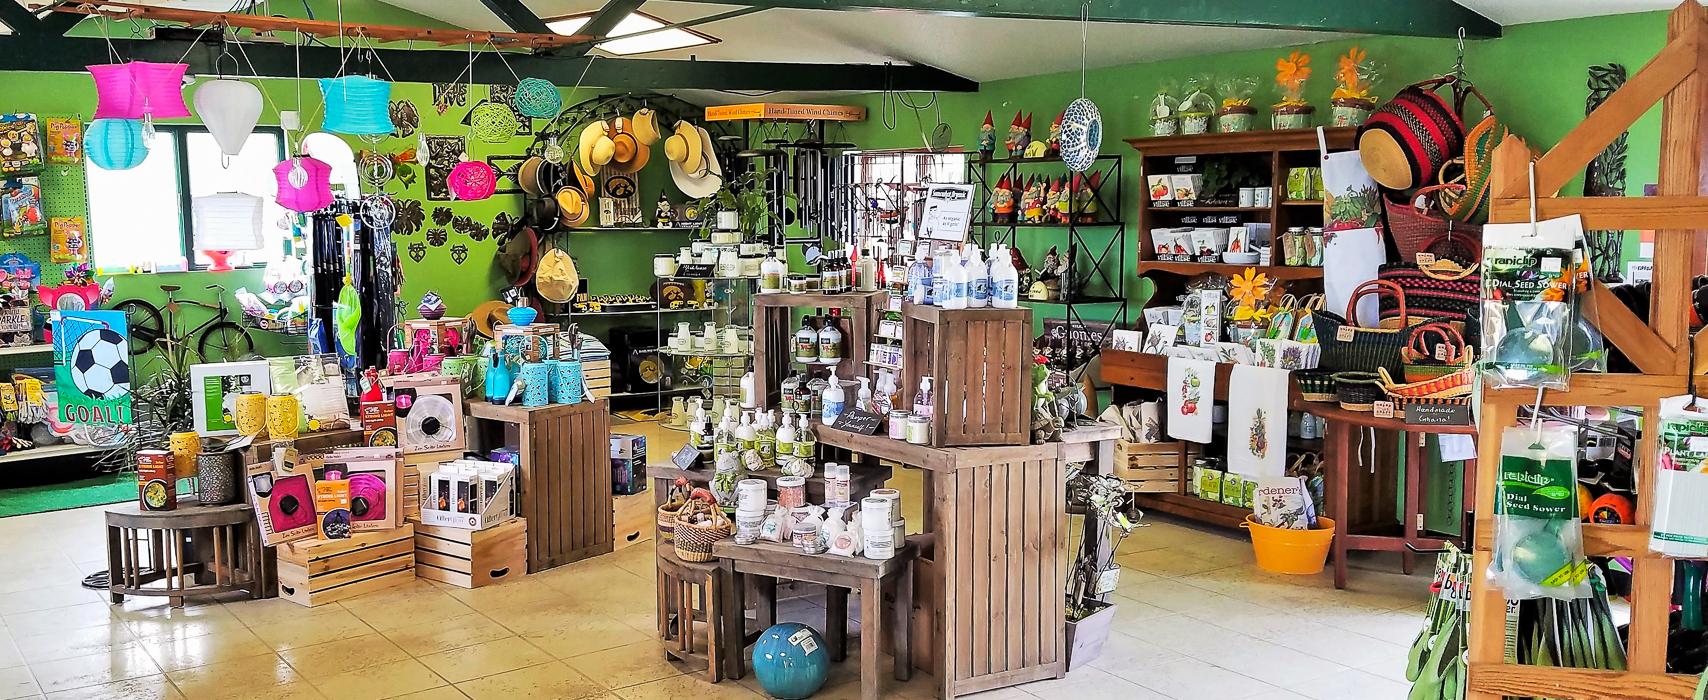 Forever Green Grows Coralville Iowa Garden Center store interior